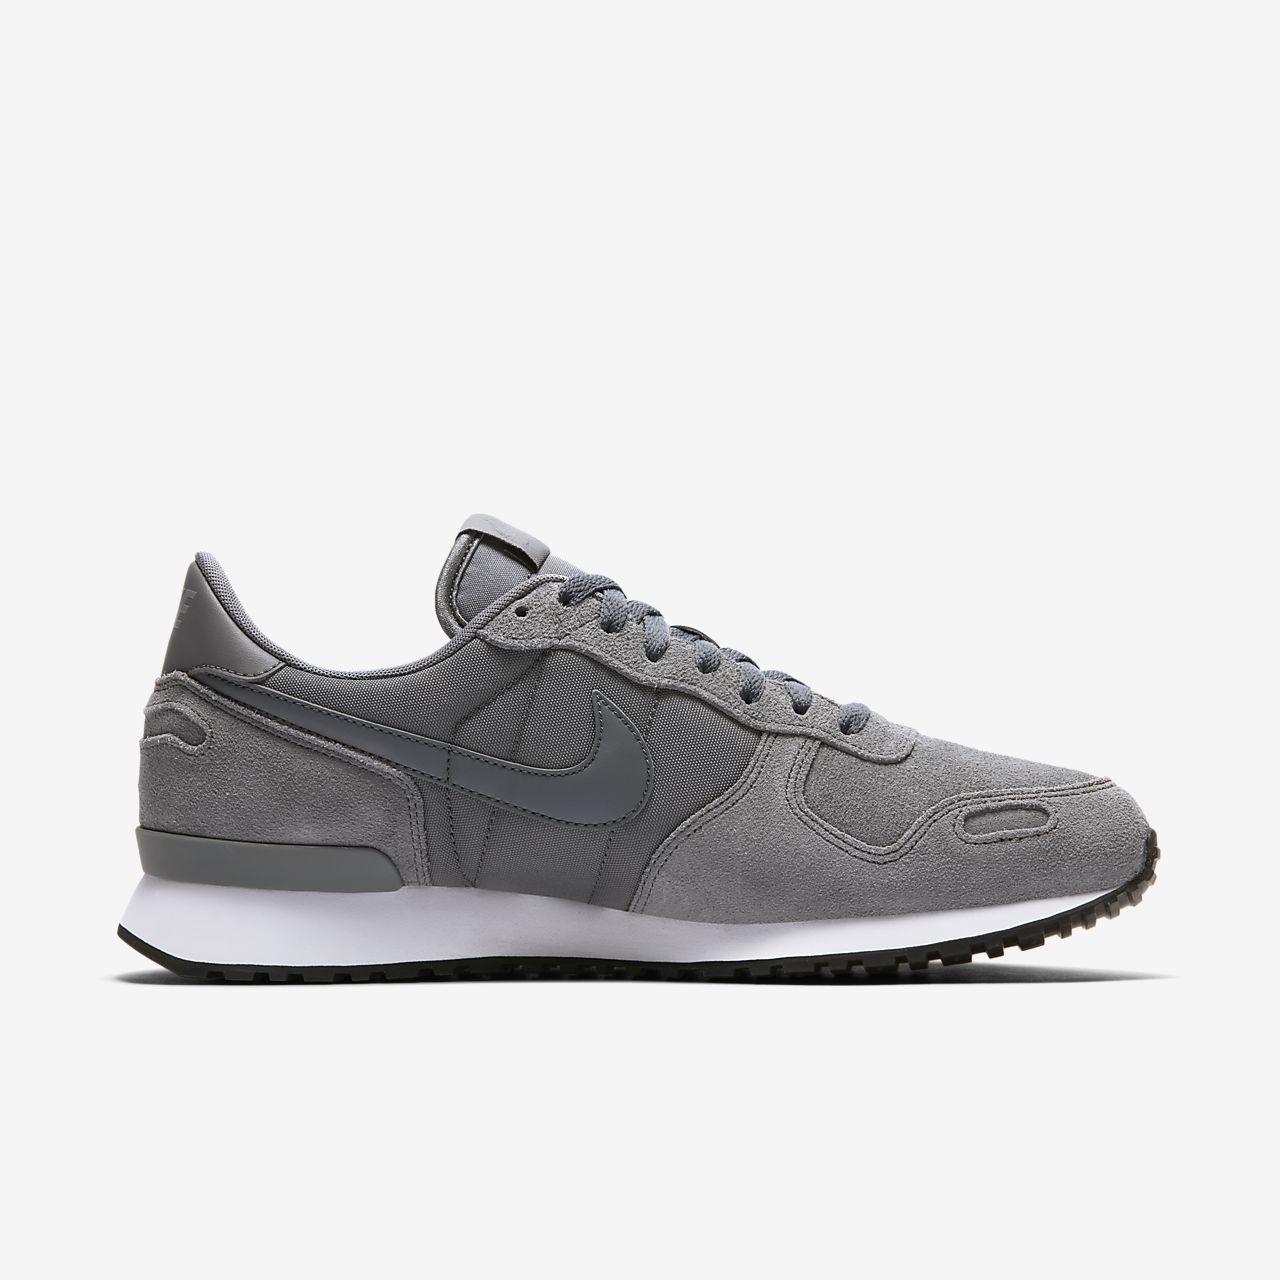 outlet store 6639b 8e6d9 ... Nike Air Vortex Men s Shoe